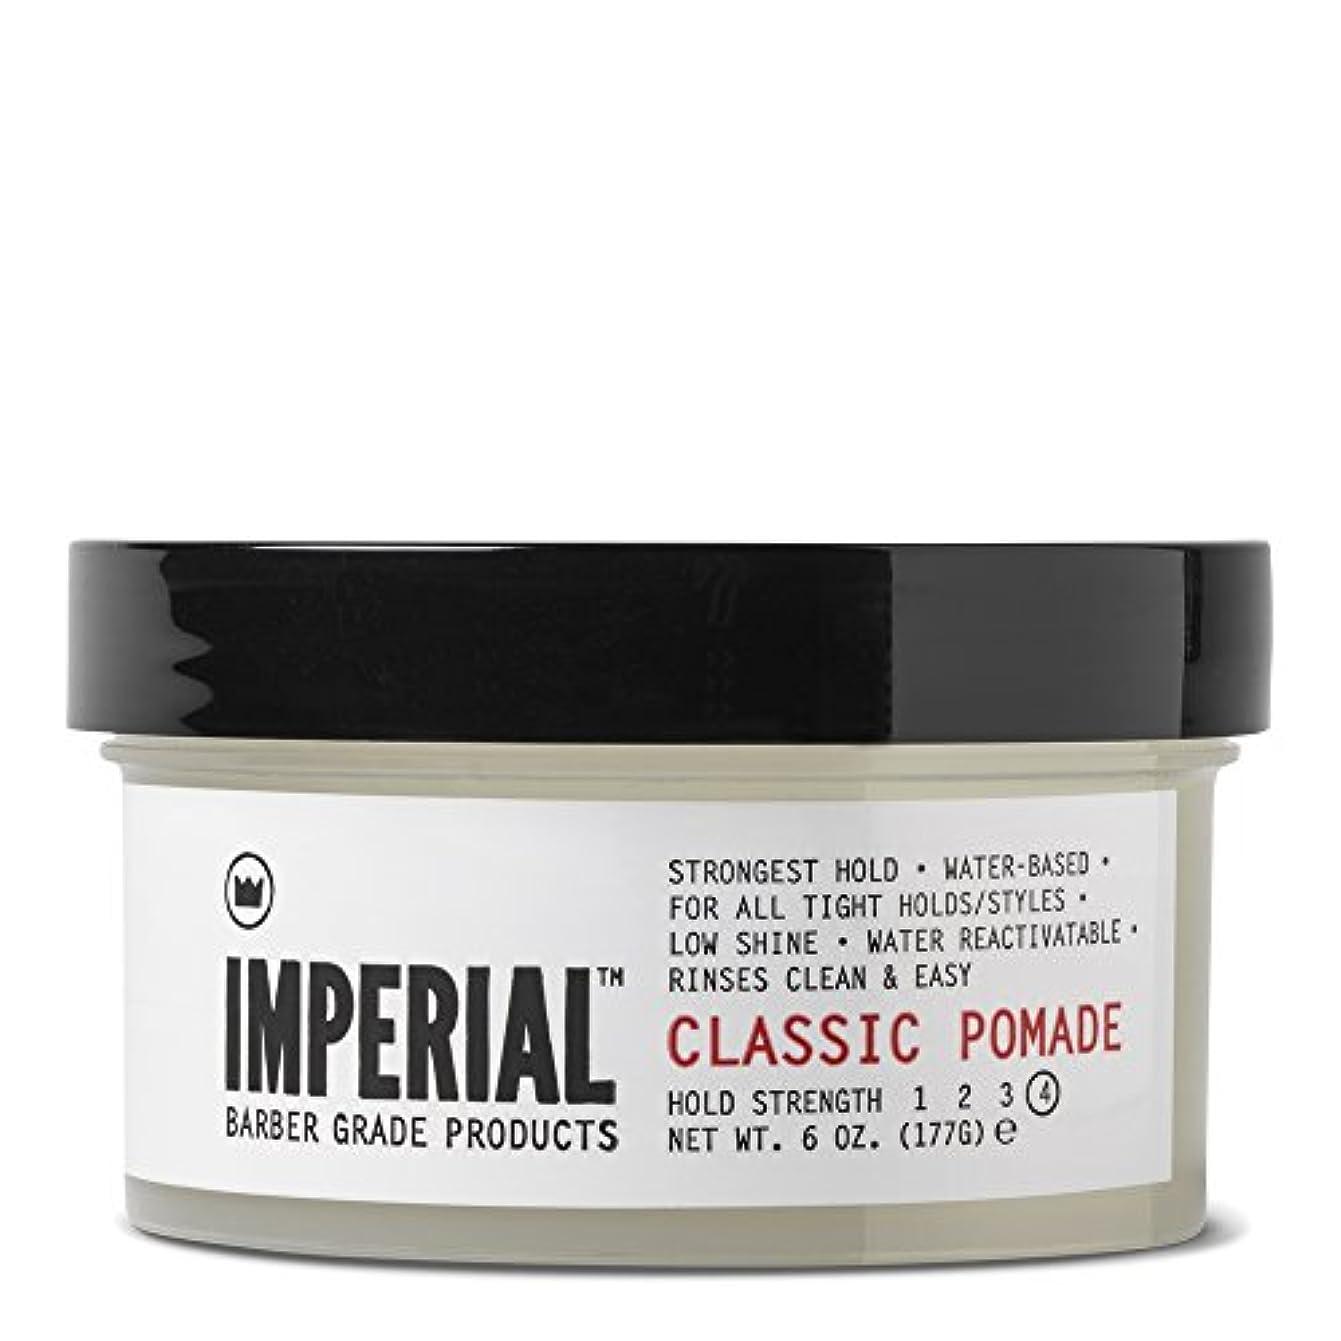 水曜日症候群治療Imperial Barber グレード製品クラシックポマード、6オズ。 72.0オンス